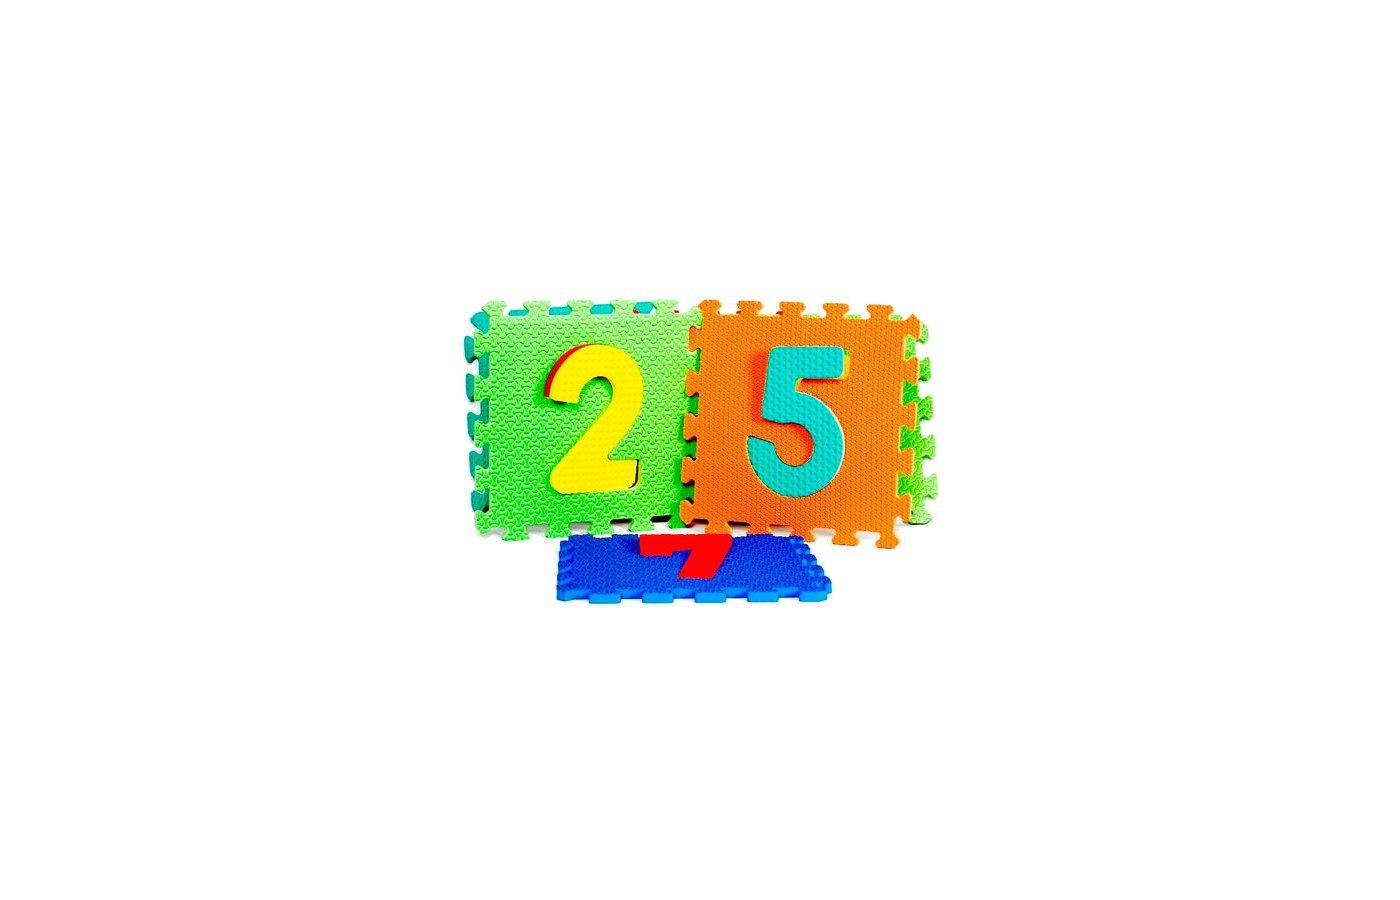 Пазлы Altacto FM930N Пазл - коврик Цифры